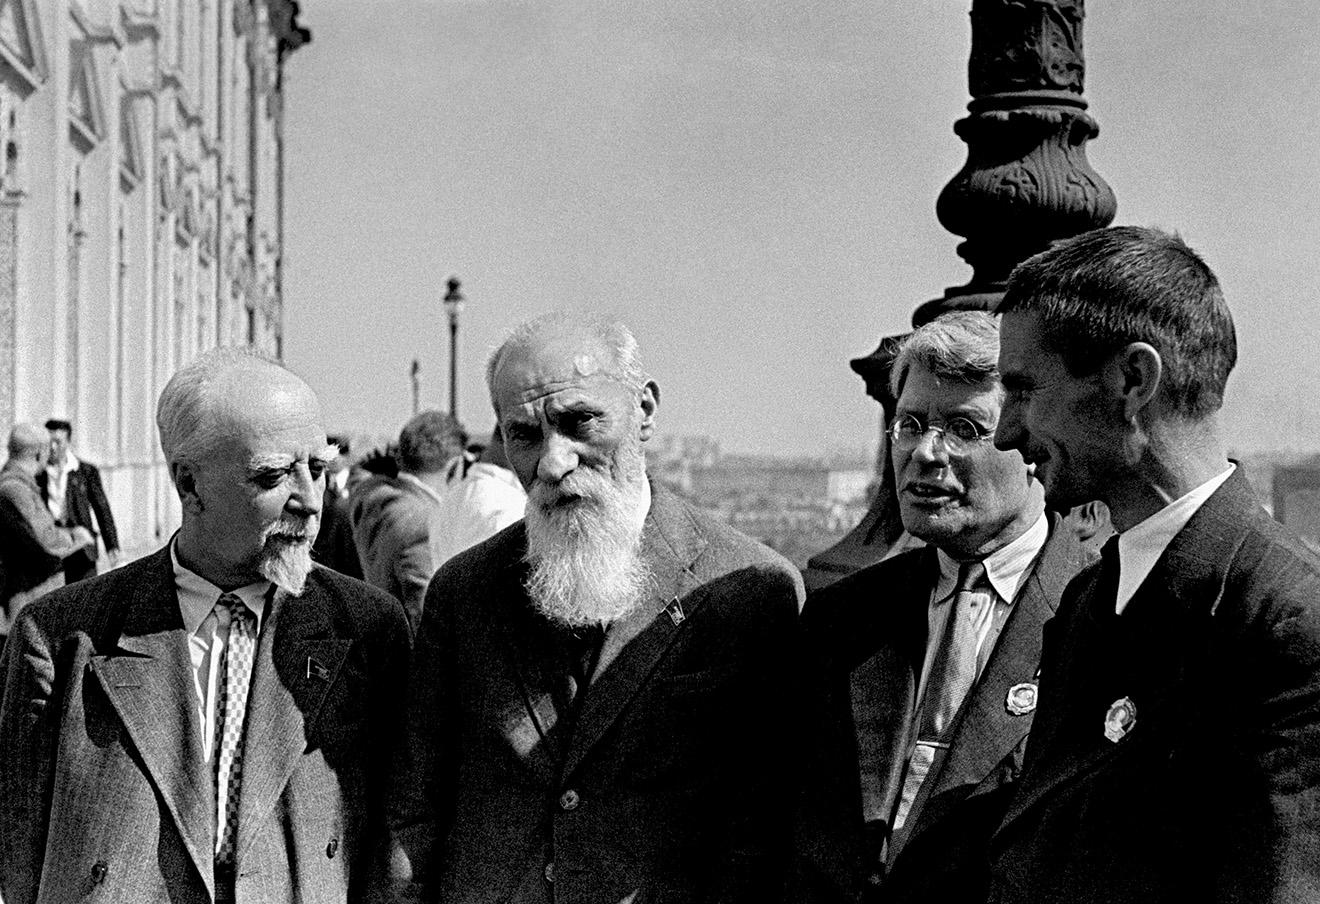 Депутаты Верховного Совета СССР Глеб Кржижановский, Алексей Бах, Иван Губкин и Трофим Лысенко (слева направо),1947 год.